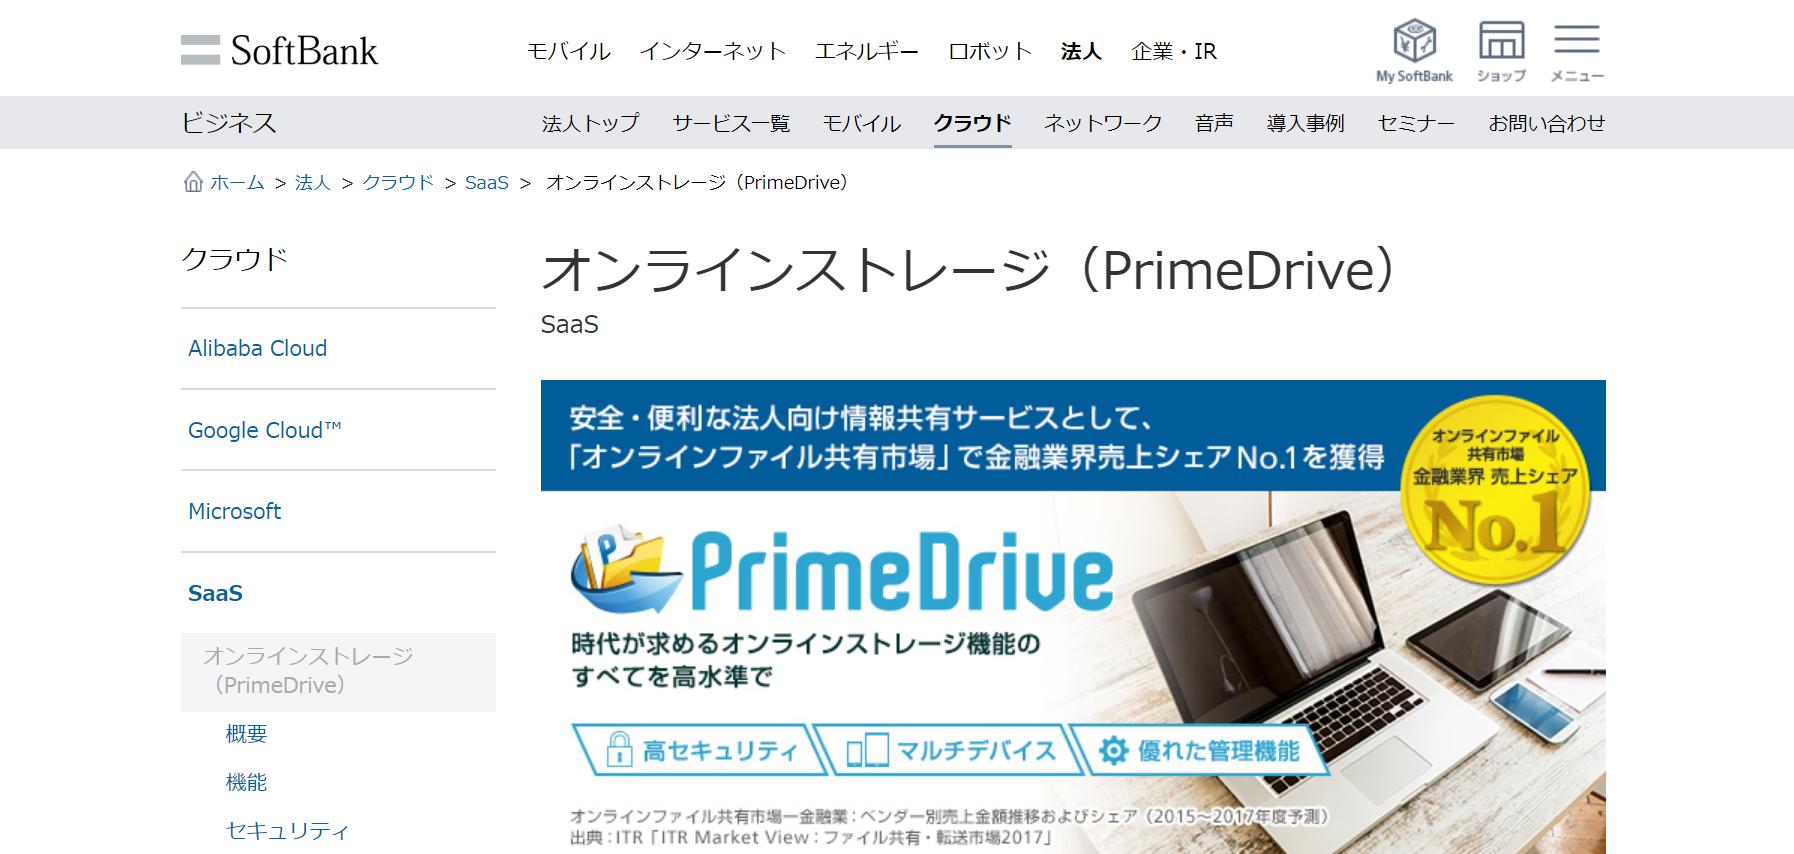 Prime Drive